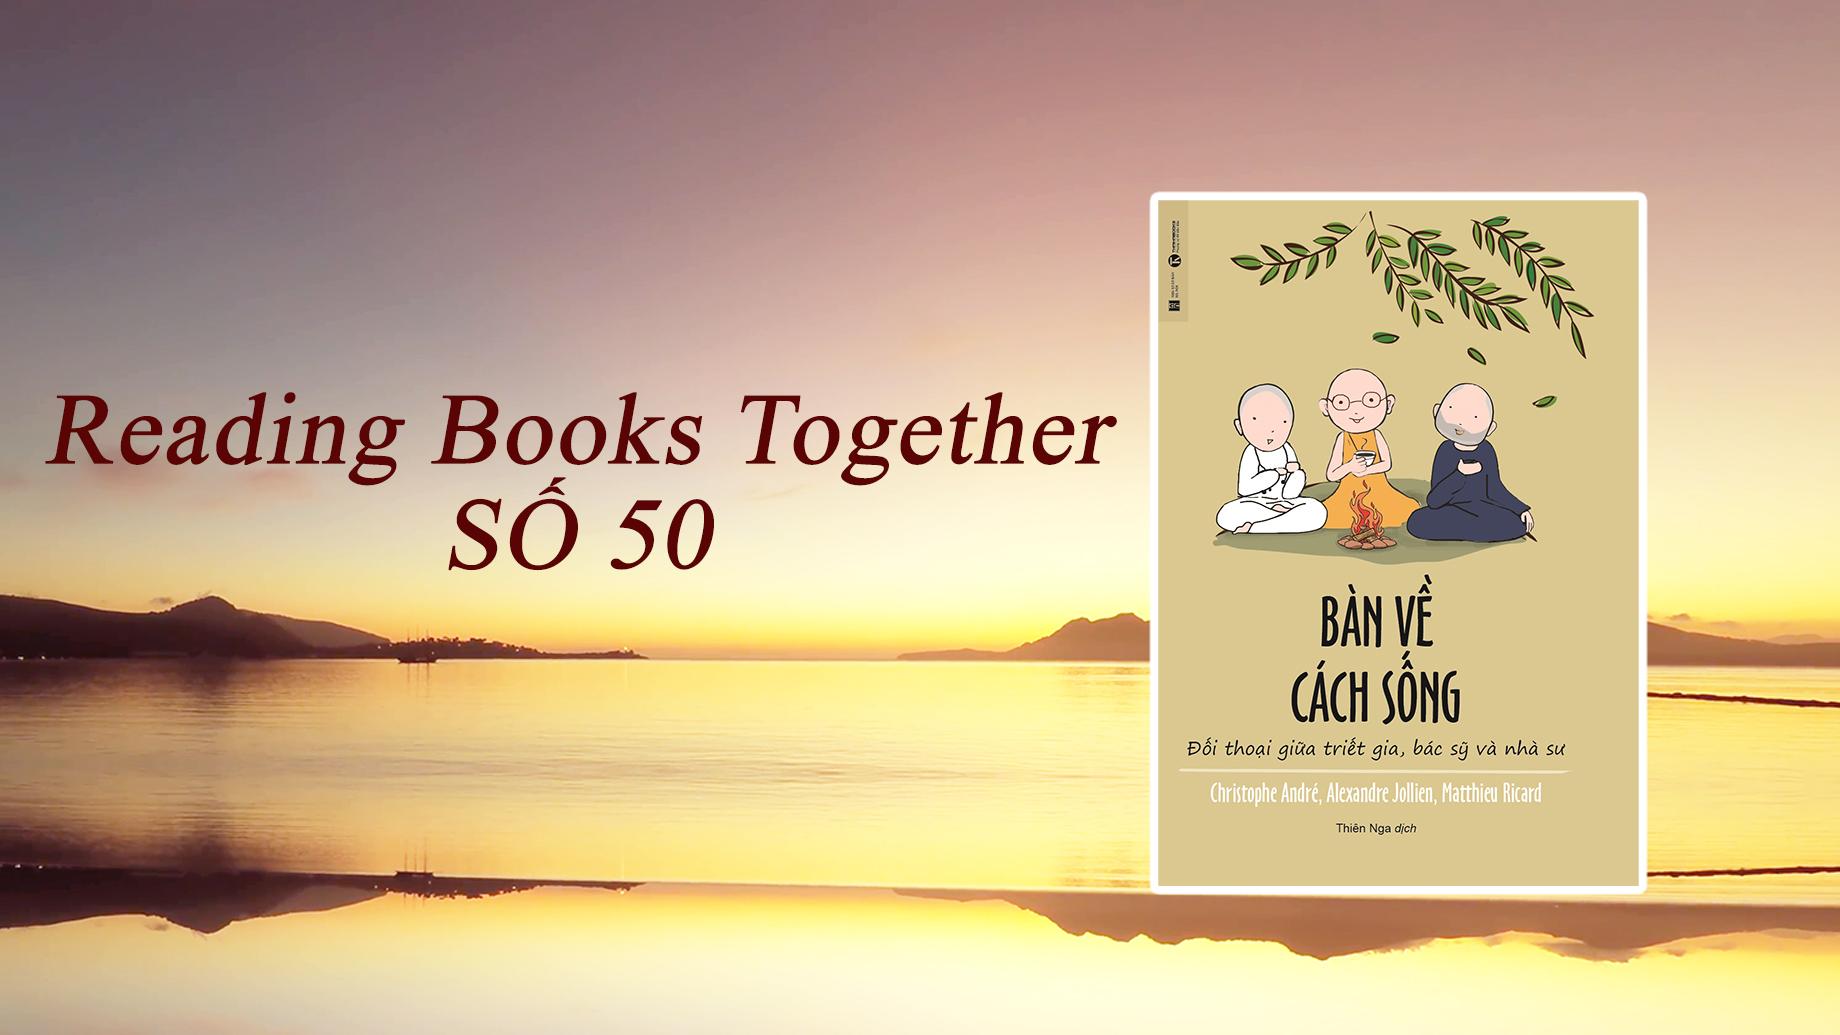 Reading Books Together số 50: Bàn về cách sống – Đối thoại giữa Triết gia, Bác sĩ và Nhà sư